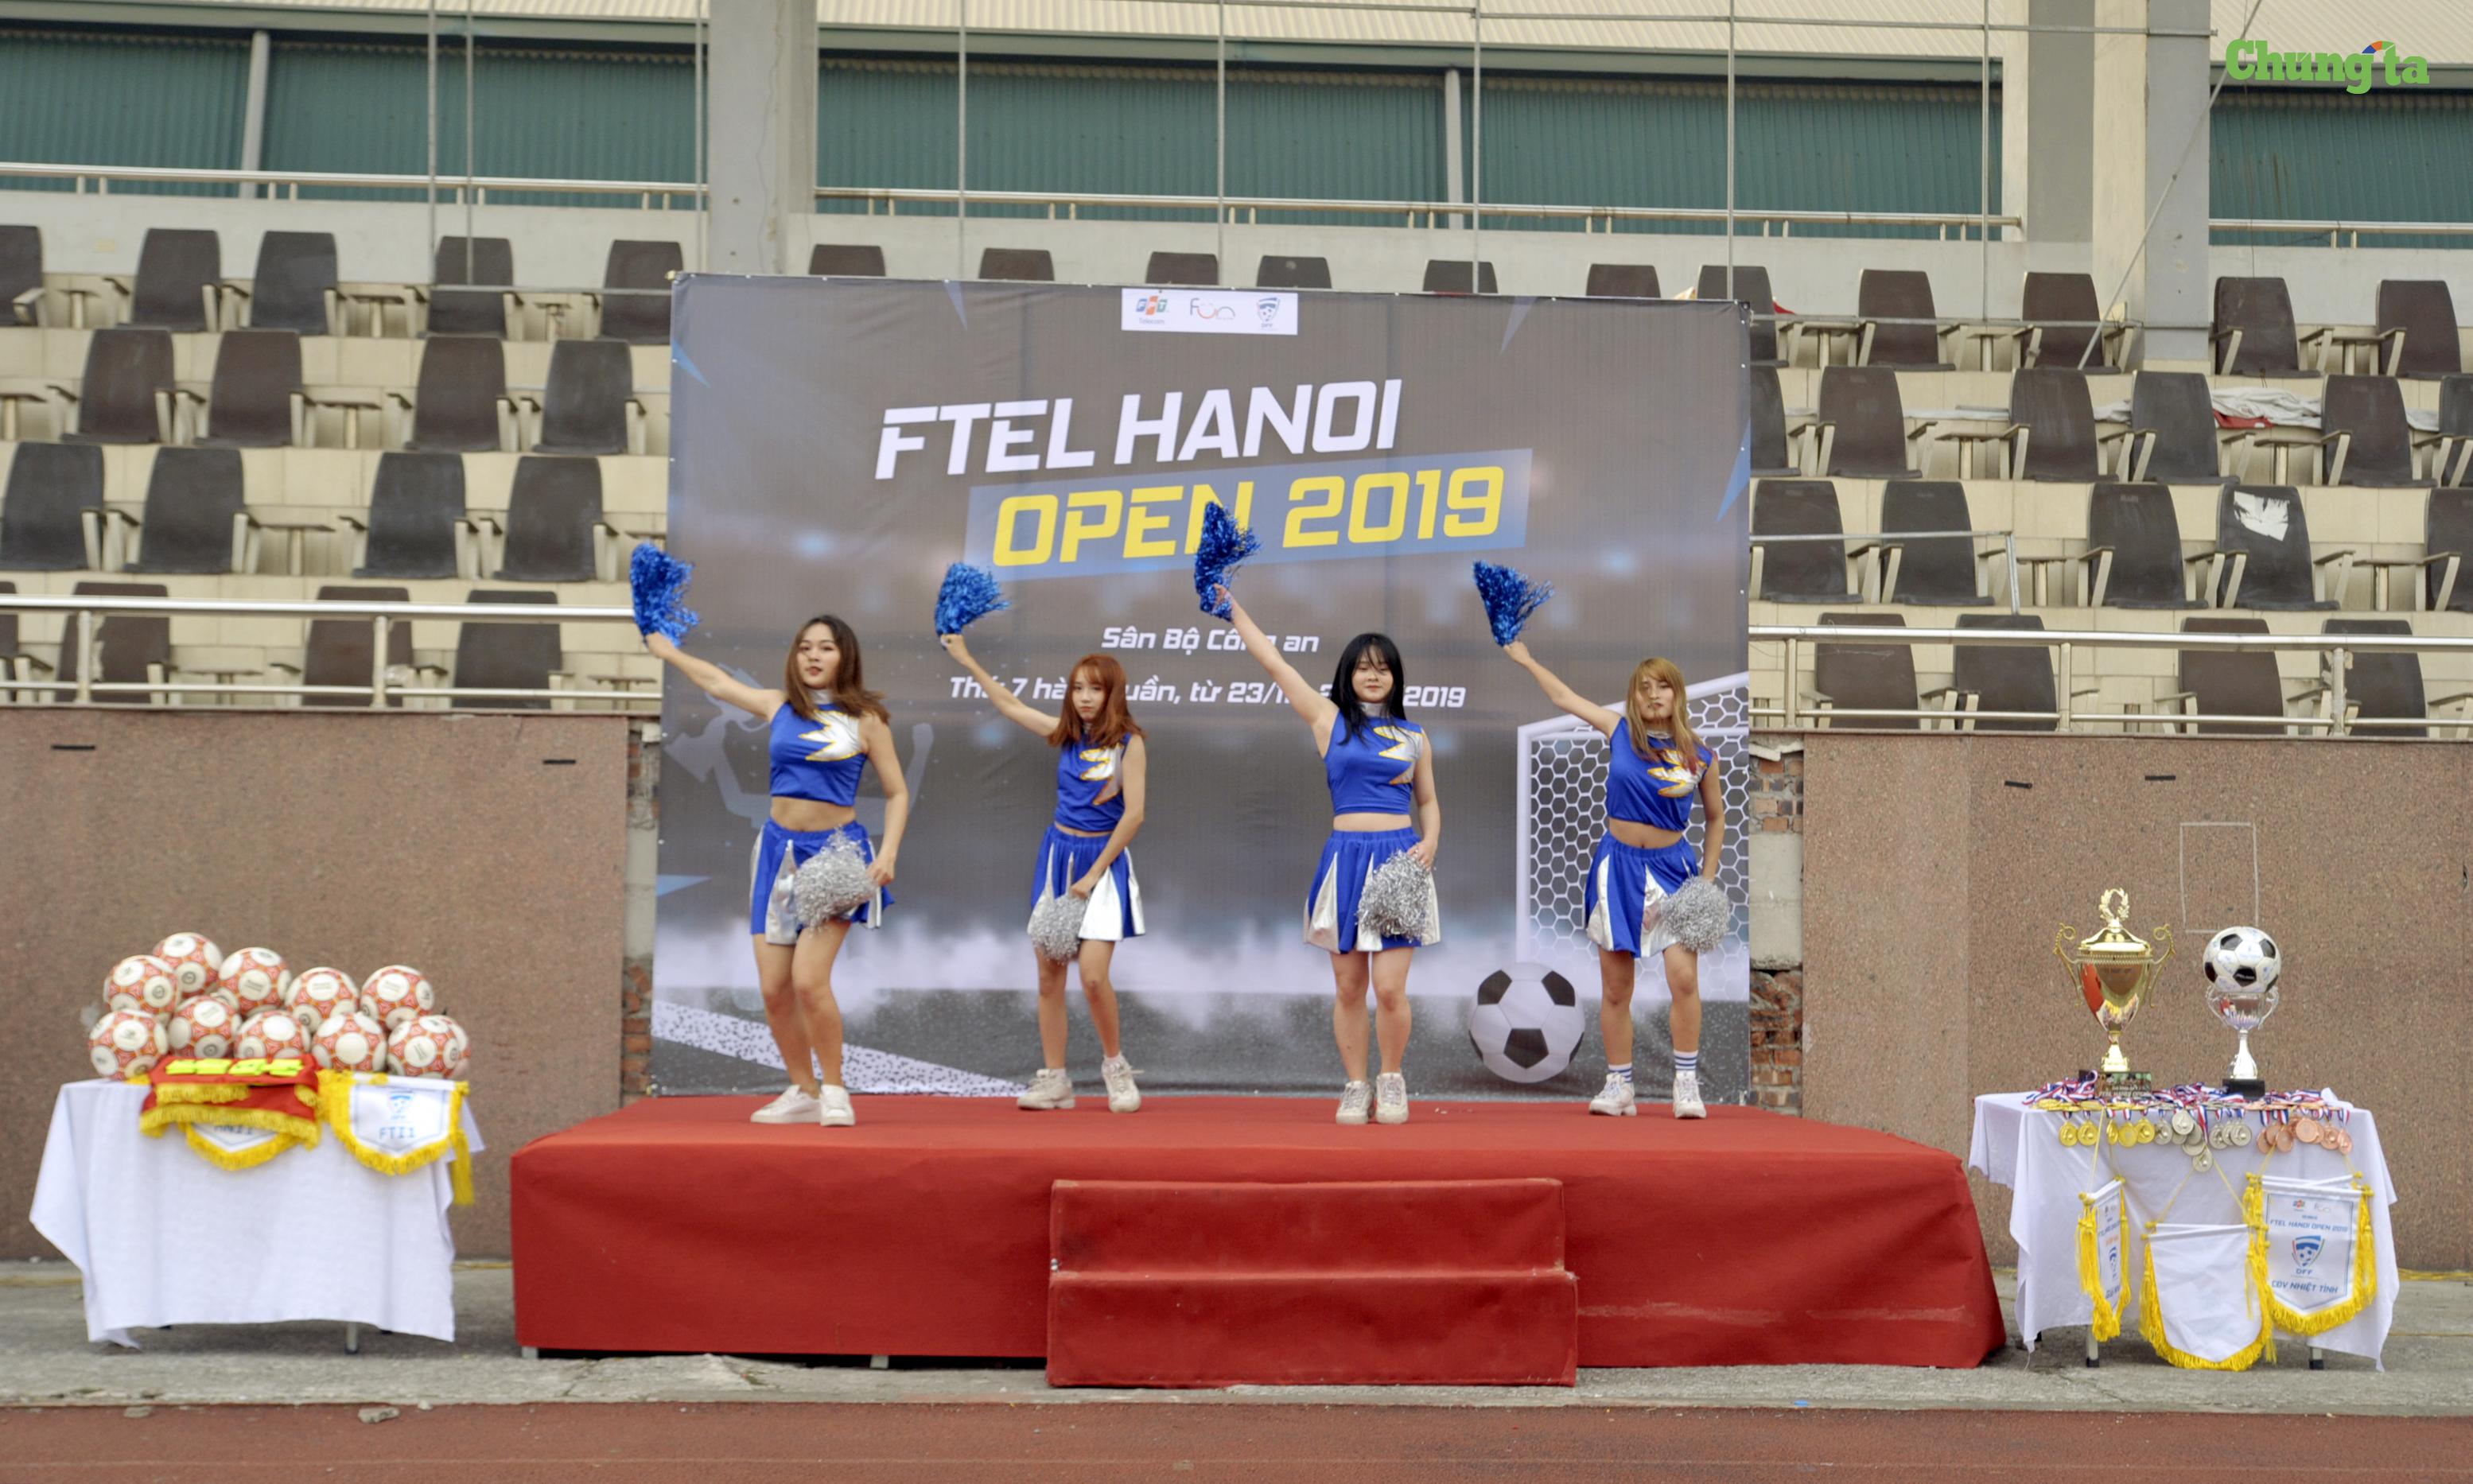 Tiết mục nhảy sexy dance nóng bỏng của các cô gái đến từ câu lạc bộ nghệ thuật FPT Telecom đã góp thêm vào bầu không khí sôi động của buổi lễ.